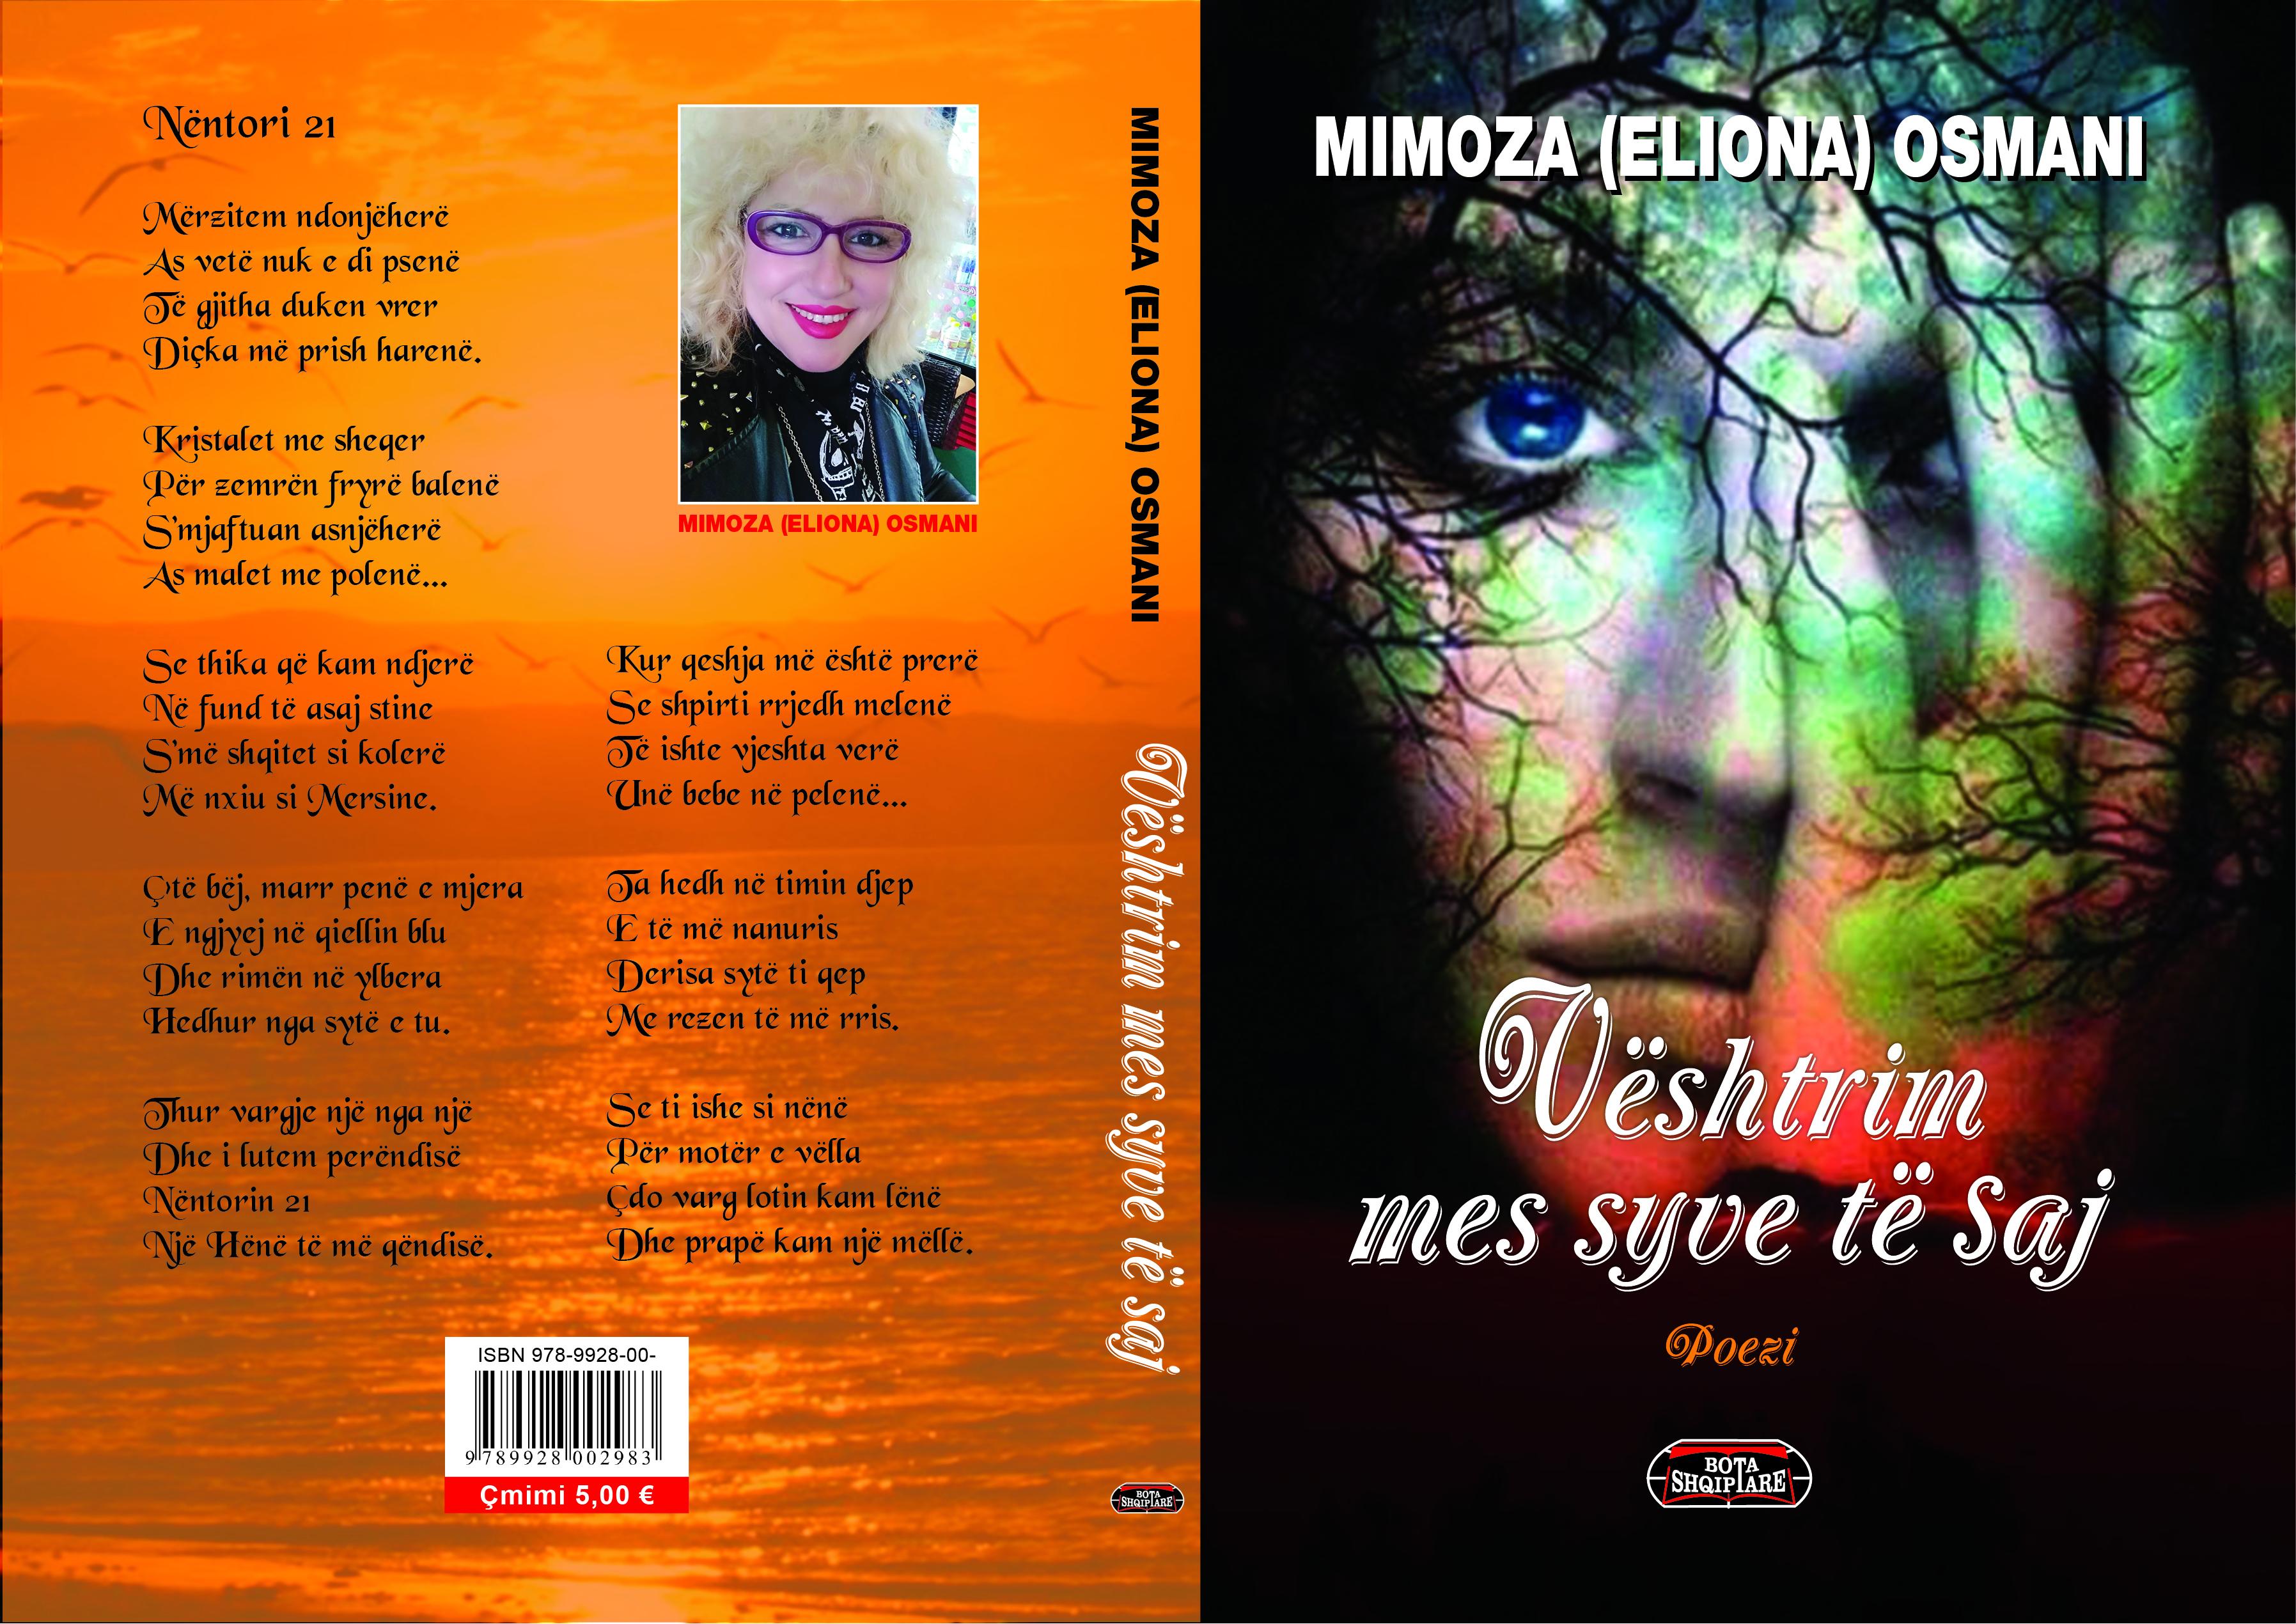 """Poetja, Mimoza (Eliona) Osmani vjen në librin """"Vështrim mes syve të saj"""""""